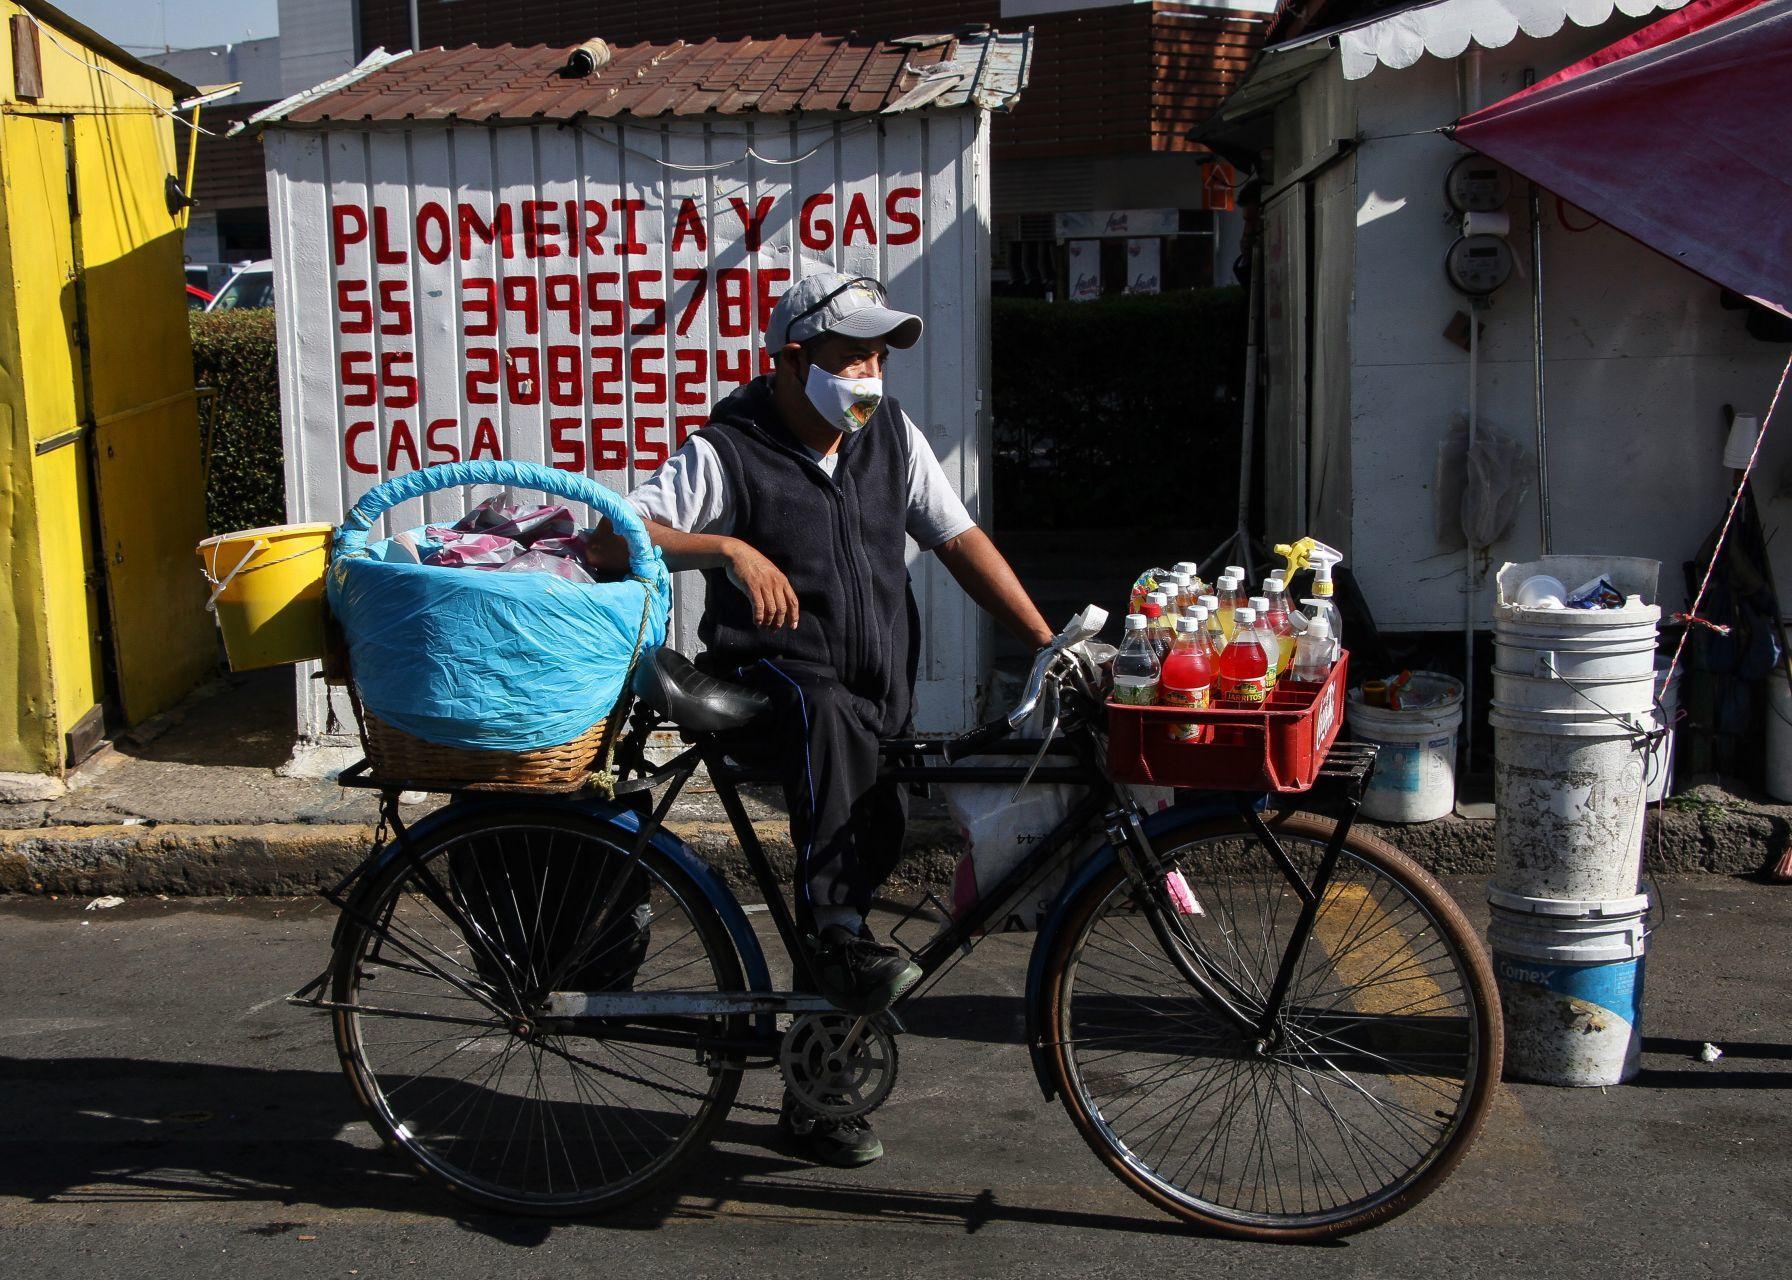 Vendedor de tacos de canasta en bicicleta, se mantiene a la espera de clientes frente a un local de plomeria y gas, esto sobre Avenida Miguel Ángel de Quevedo.FOTO: ROGELIO MORALES /CUARTOSCURO.COM